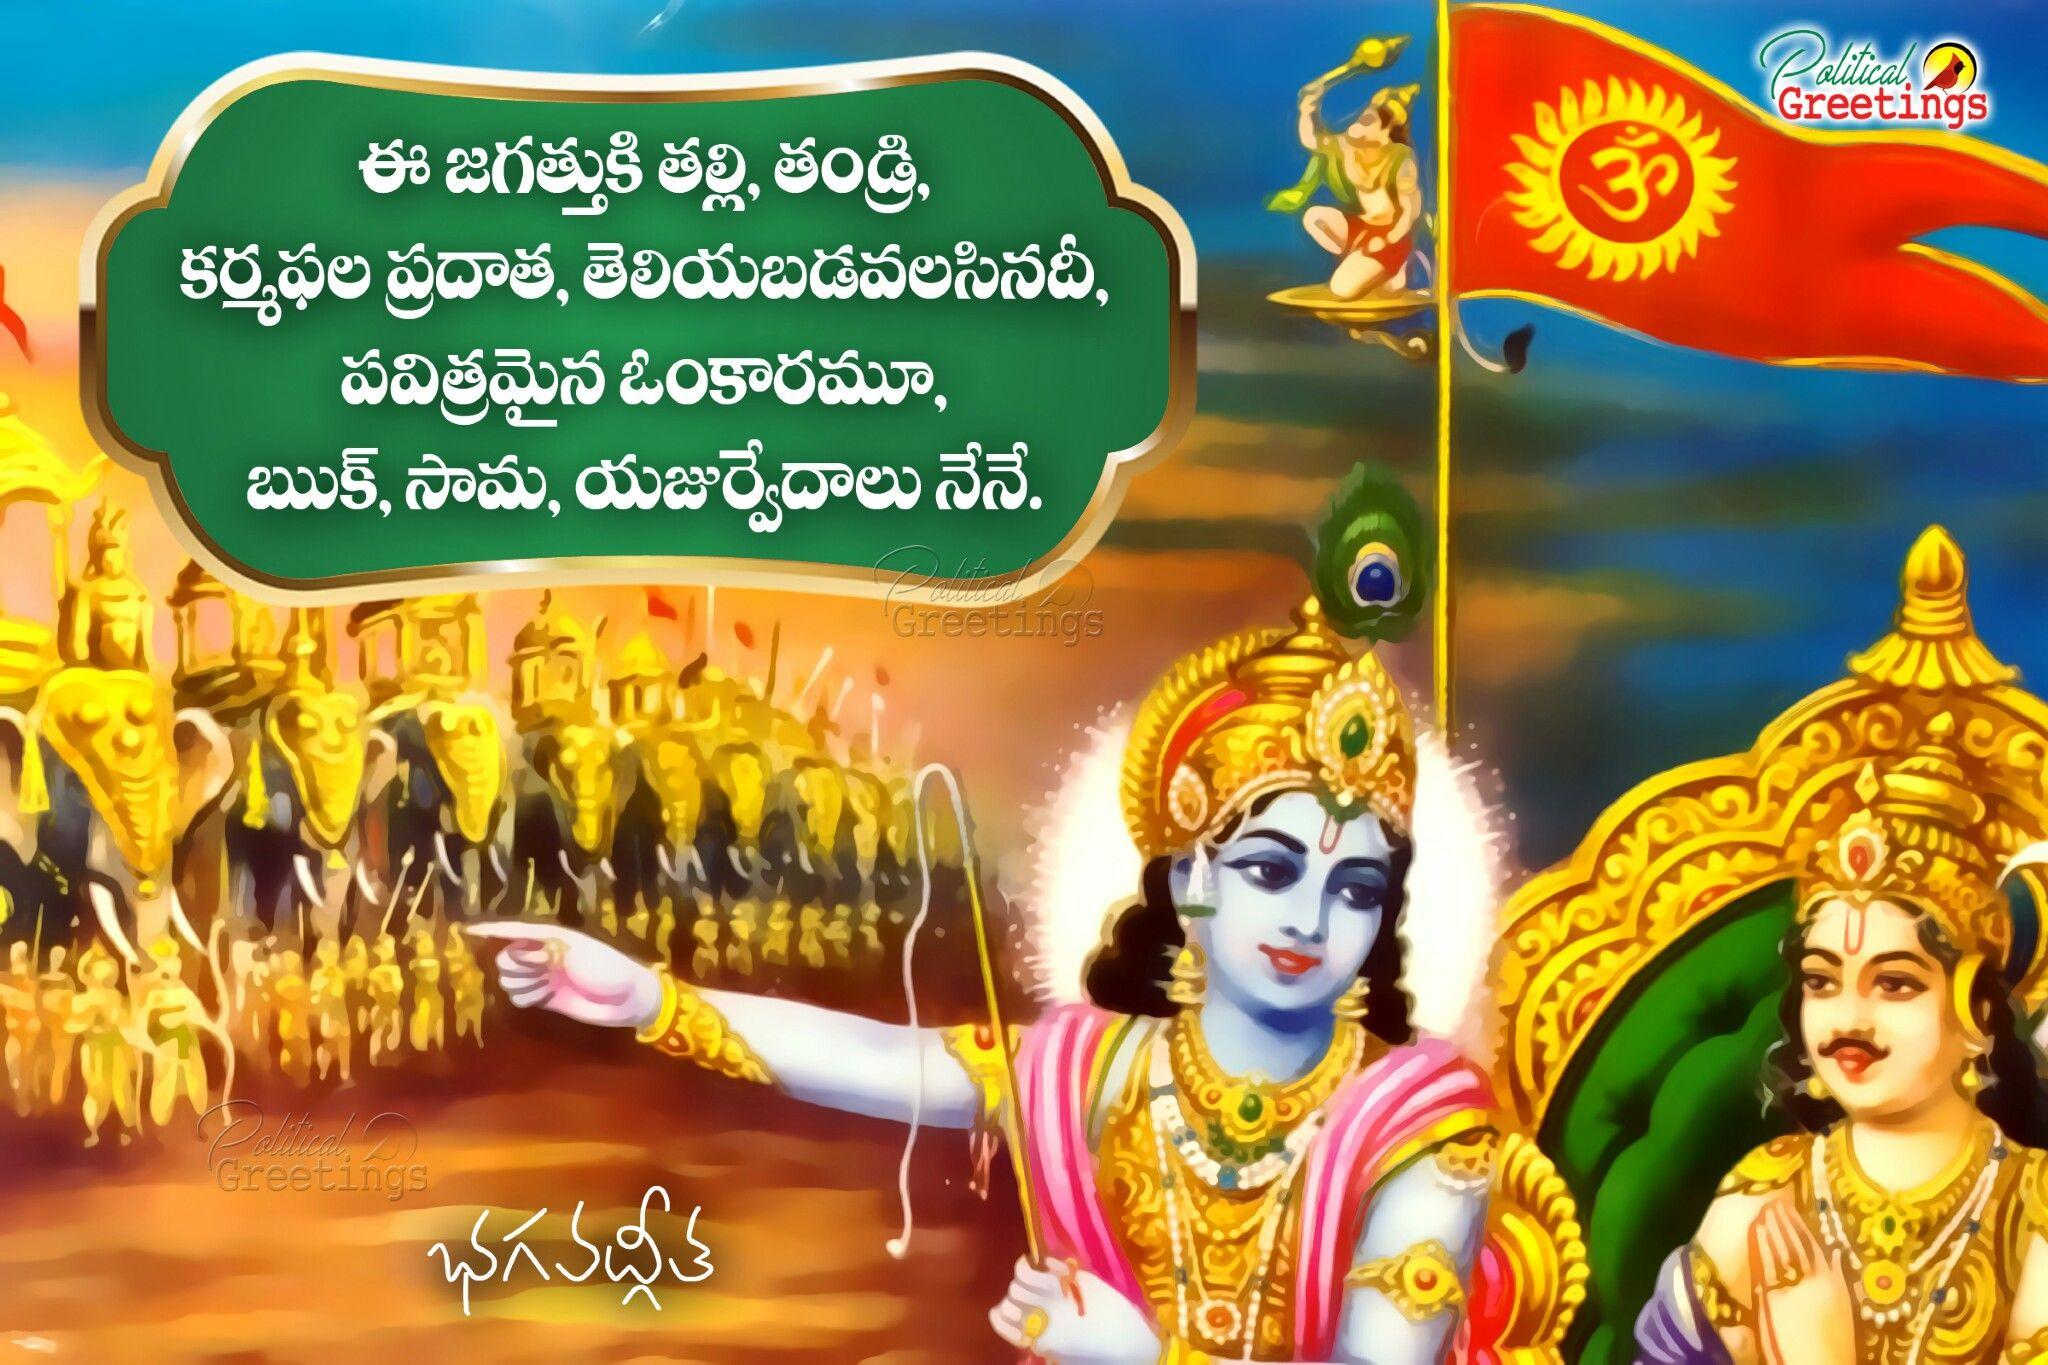 Pin By Krishna On Bhagavadgita Gita Quotes Bhagavad Gita